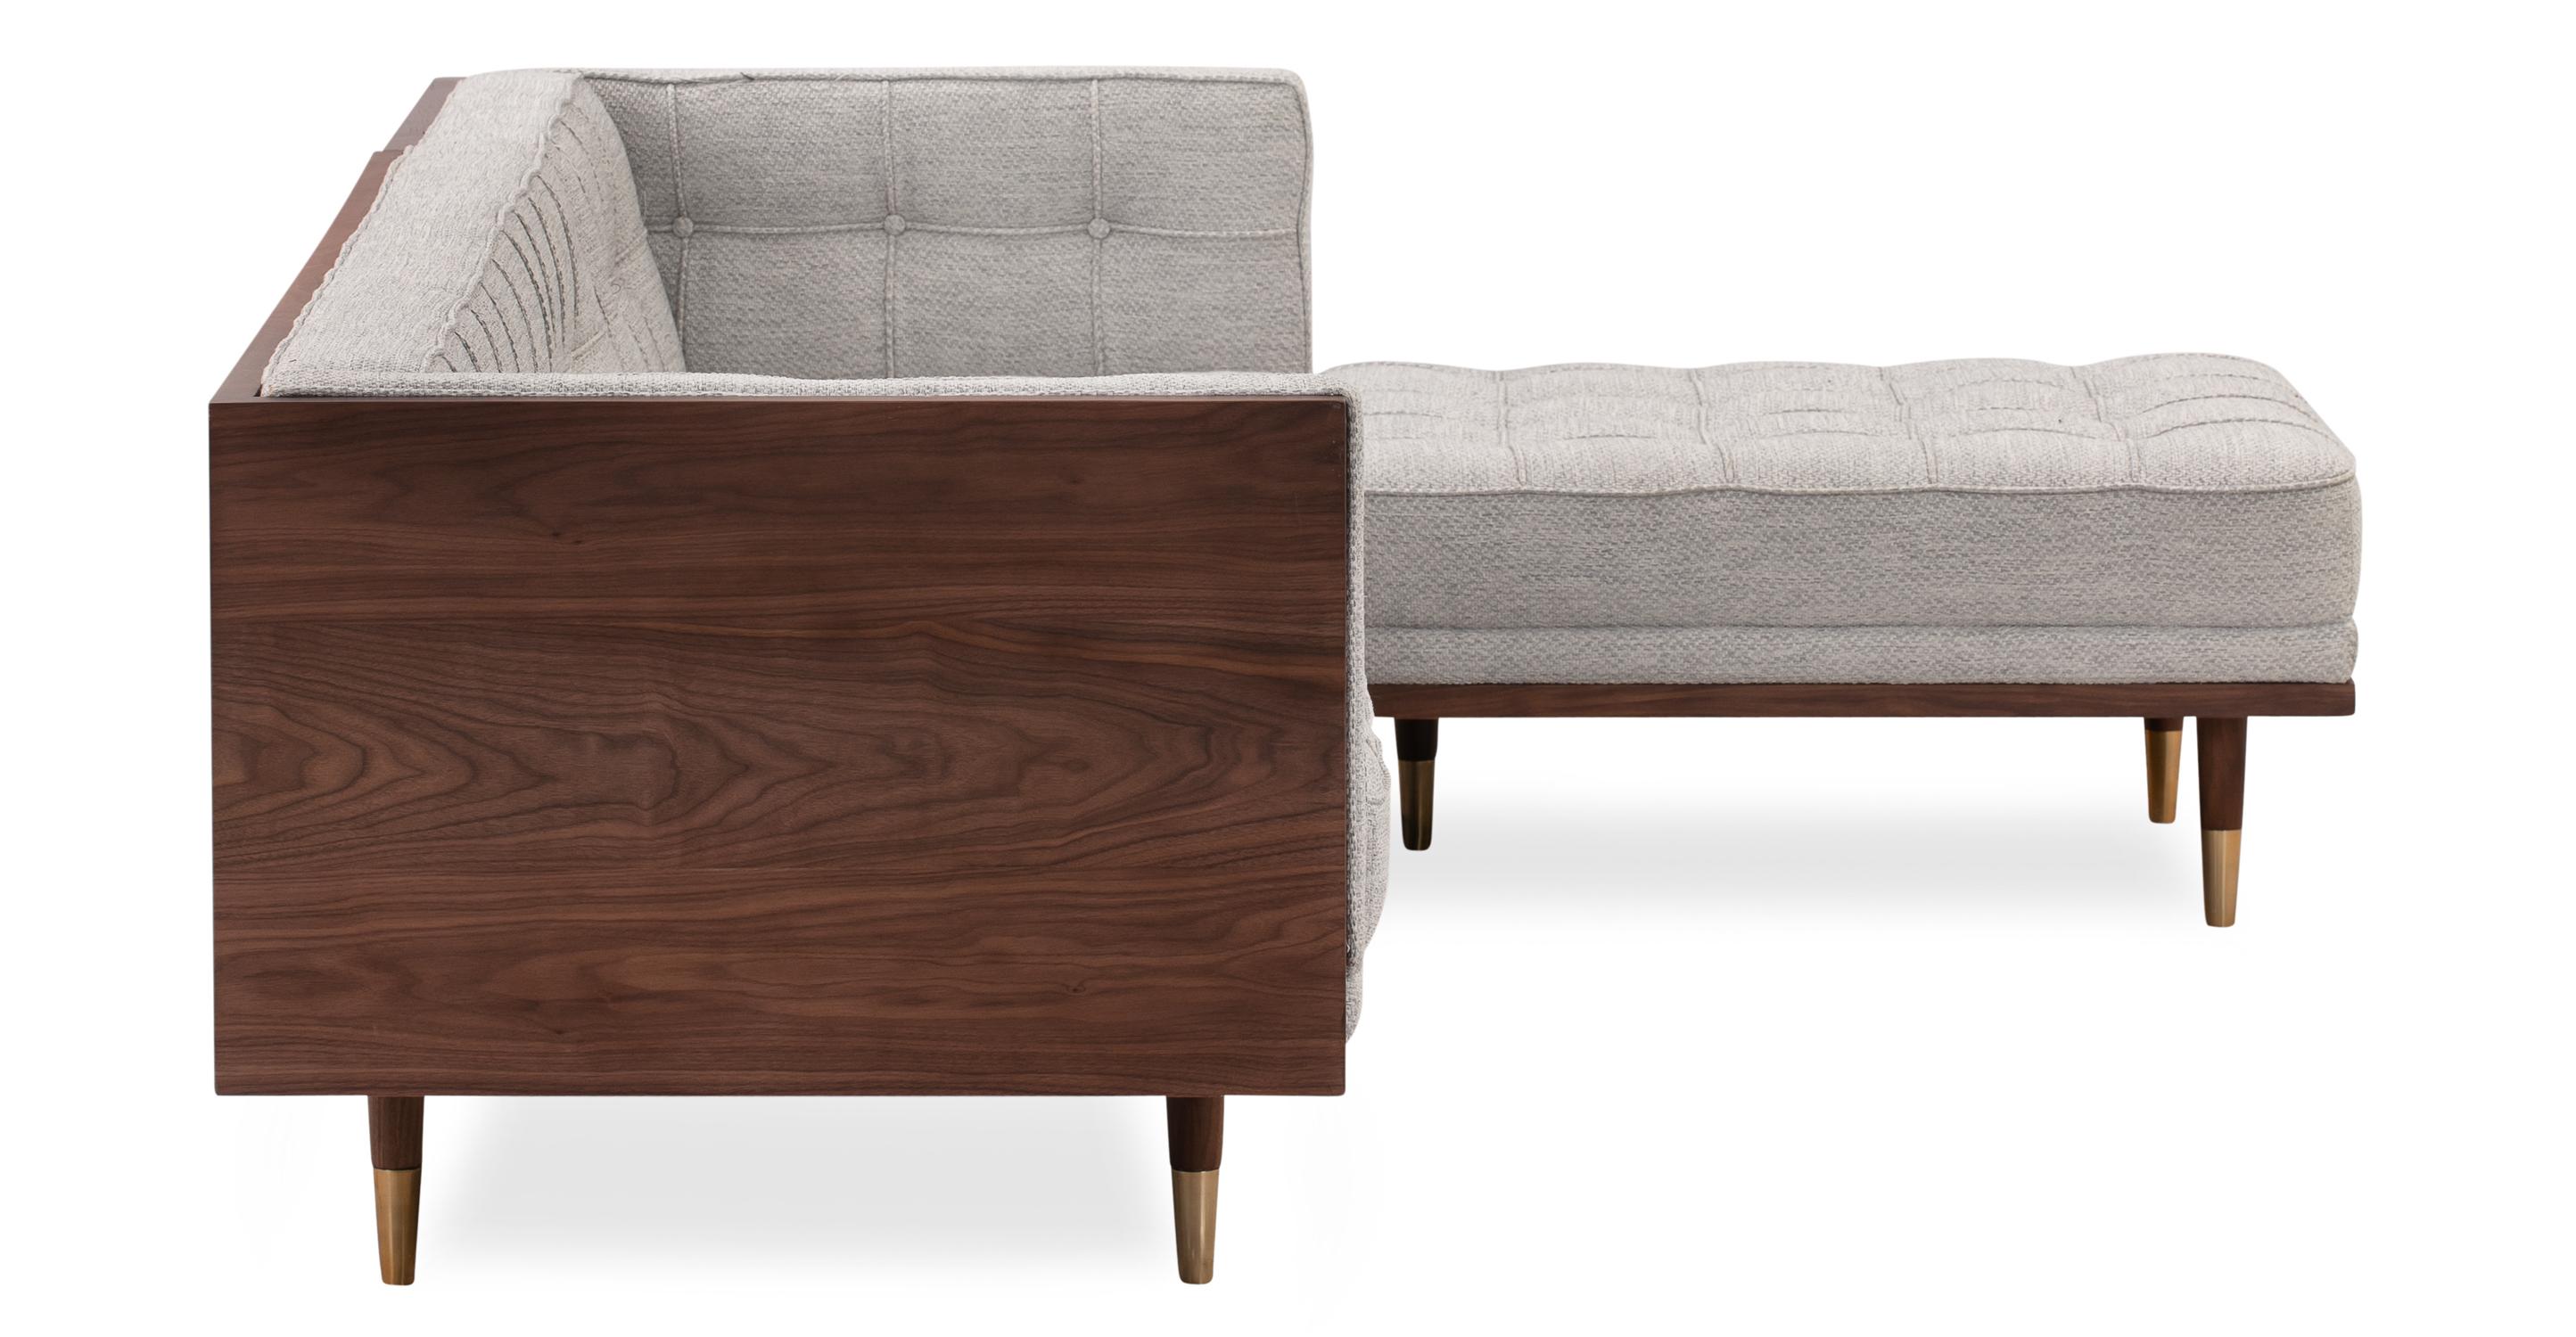 Woodrow Box Sofa Sectional Right, Walnut/Neutra